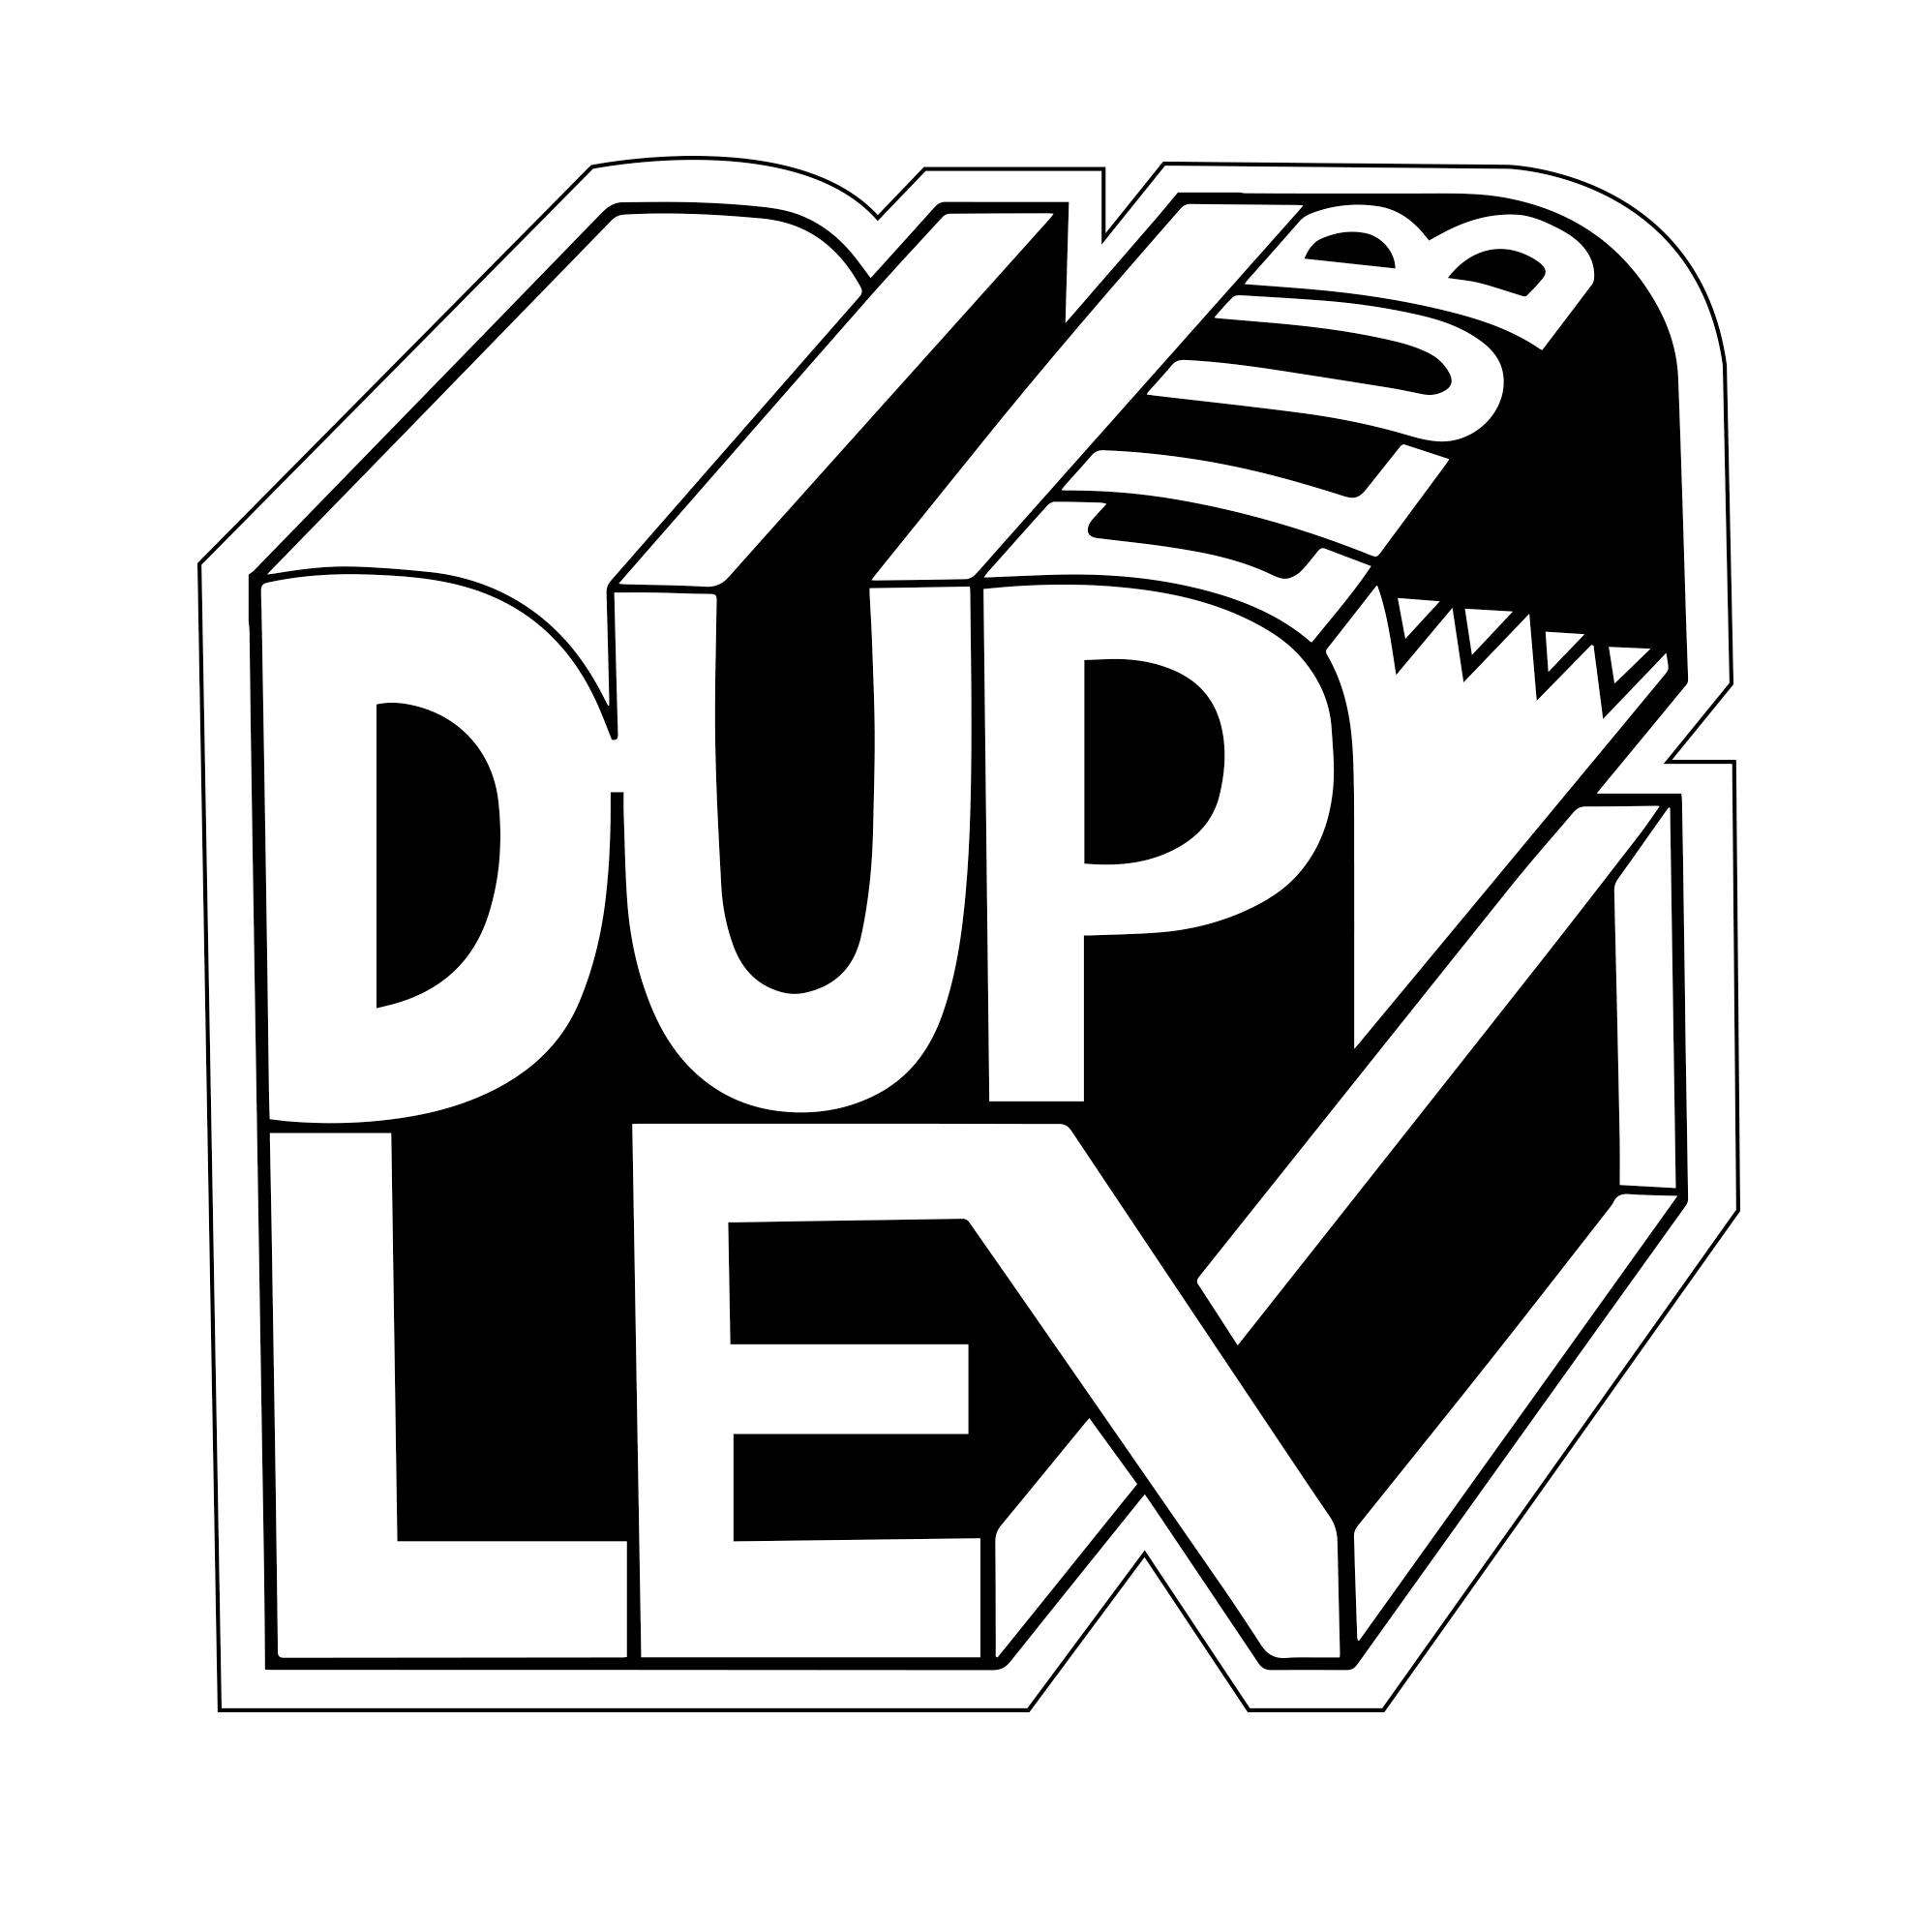 מועדון הדופלקס